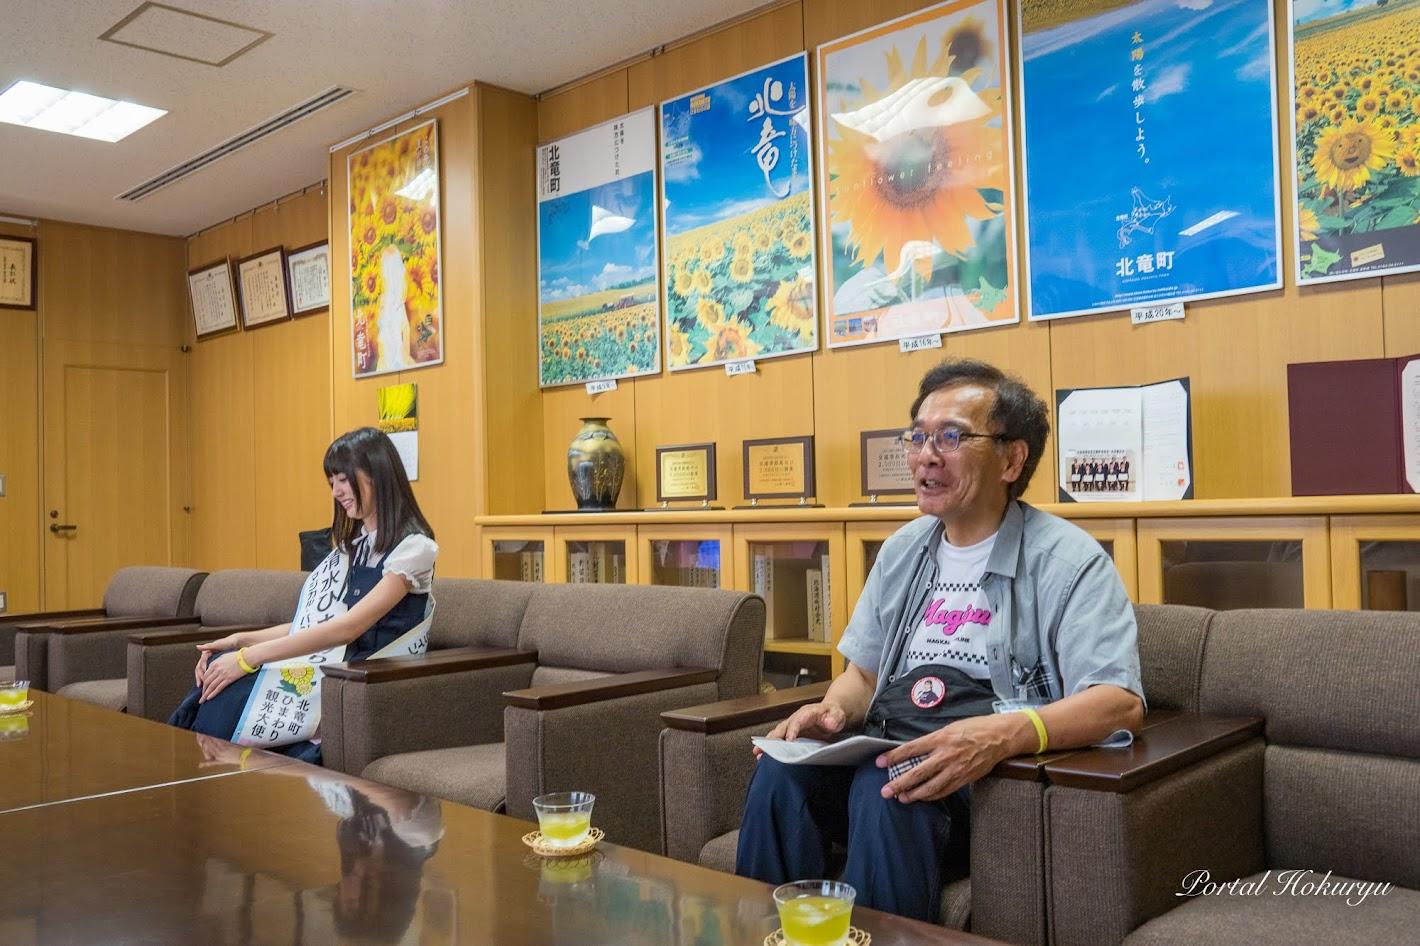 清水ひまわりさん観光大使をプロデュースされたJAきたそらち北竜支所・星野忠雄 支所長